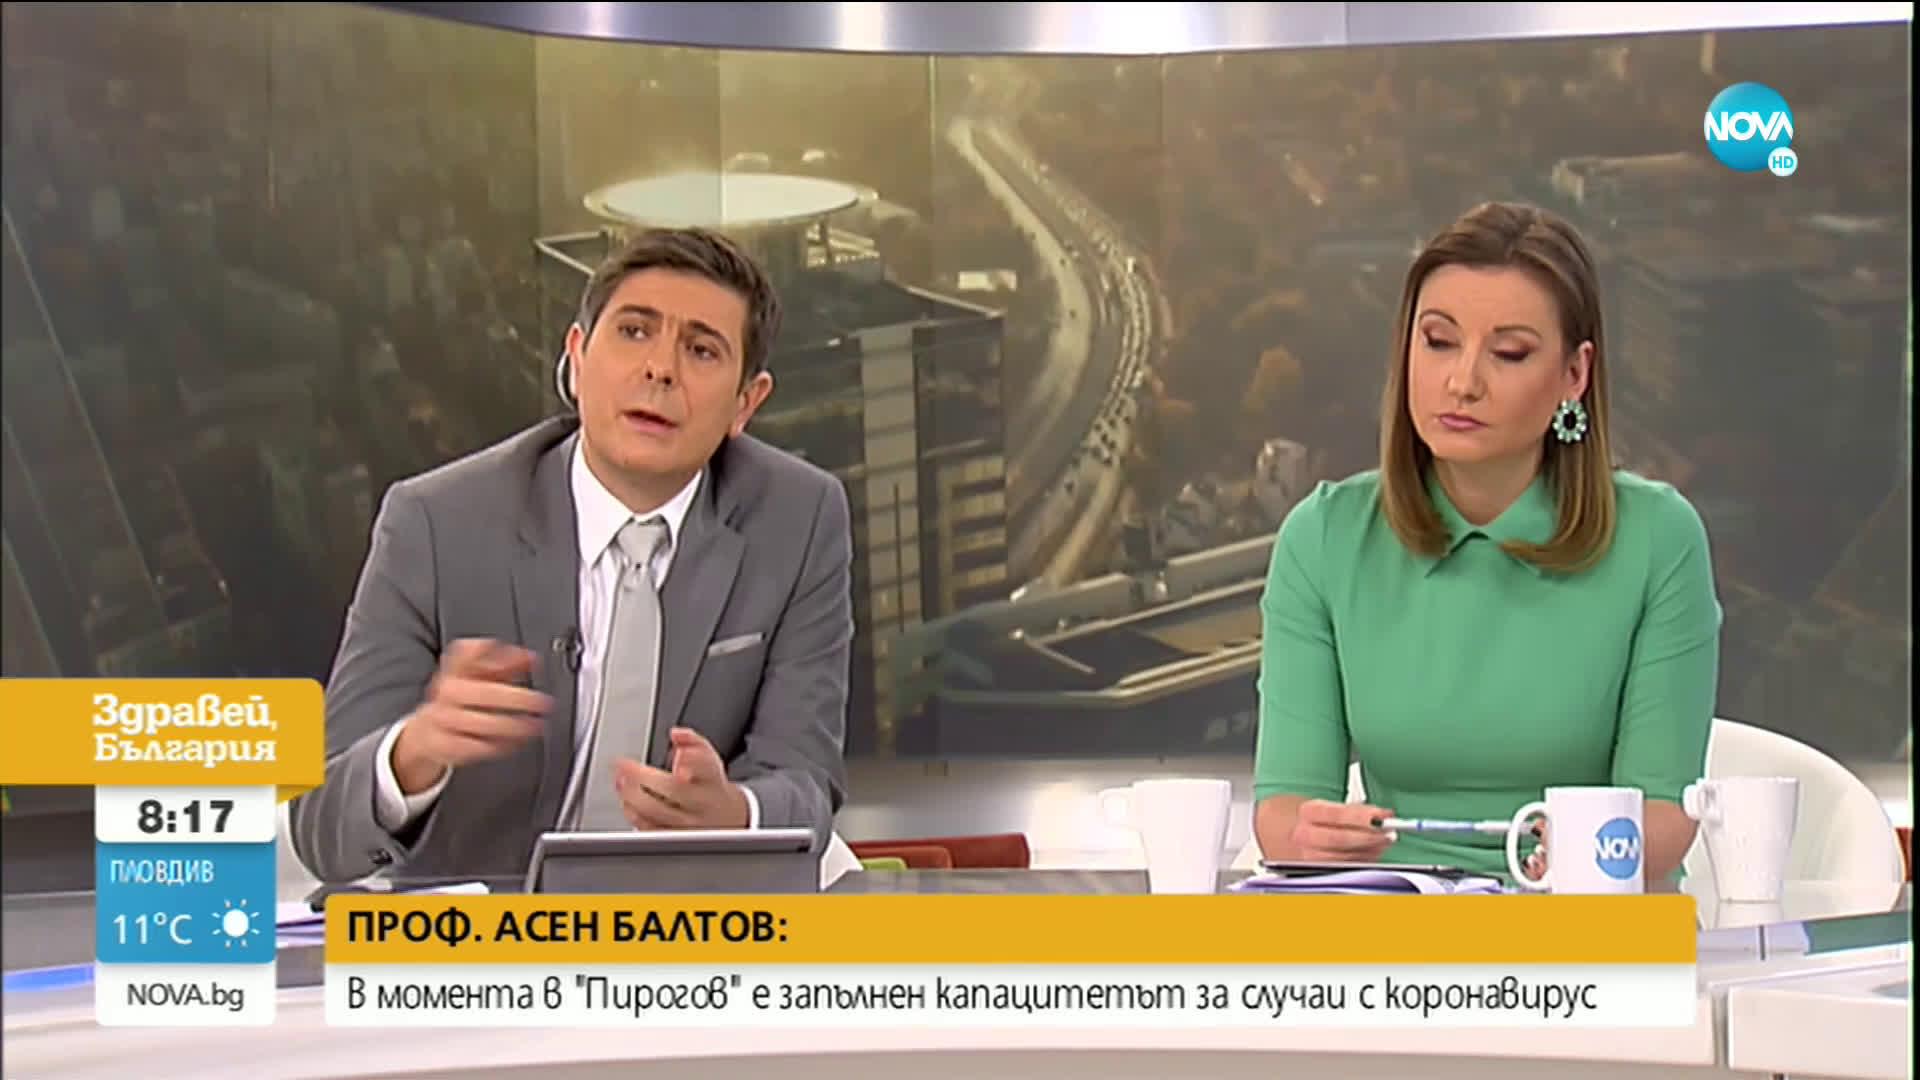 Проф. Балтов: Неспокоен съм от начина на работа на колегите ми